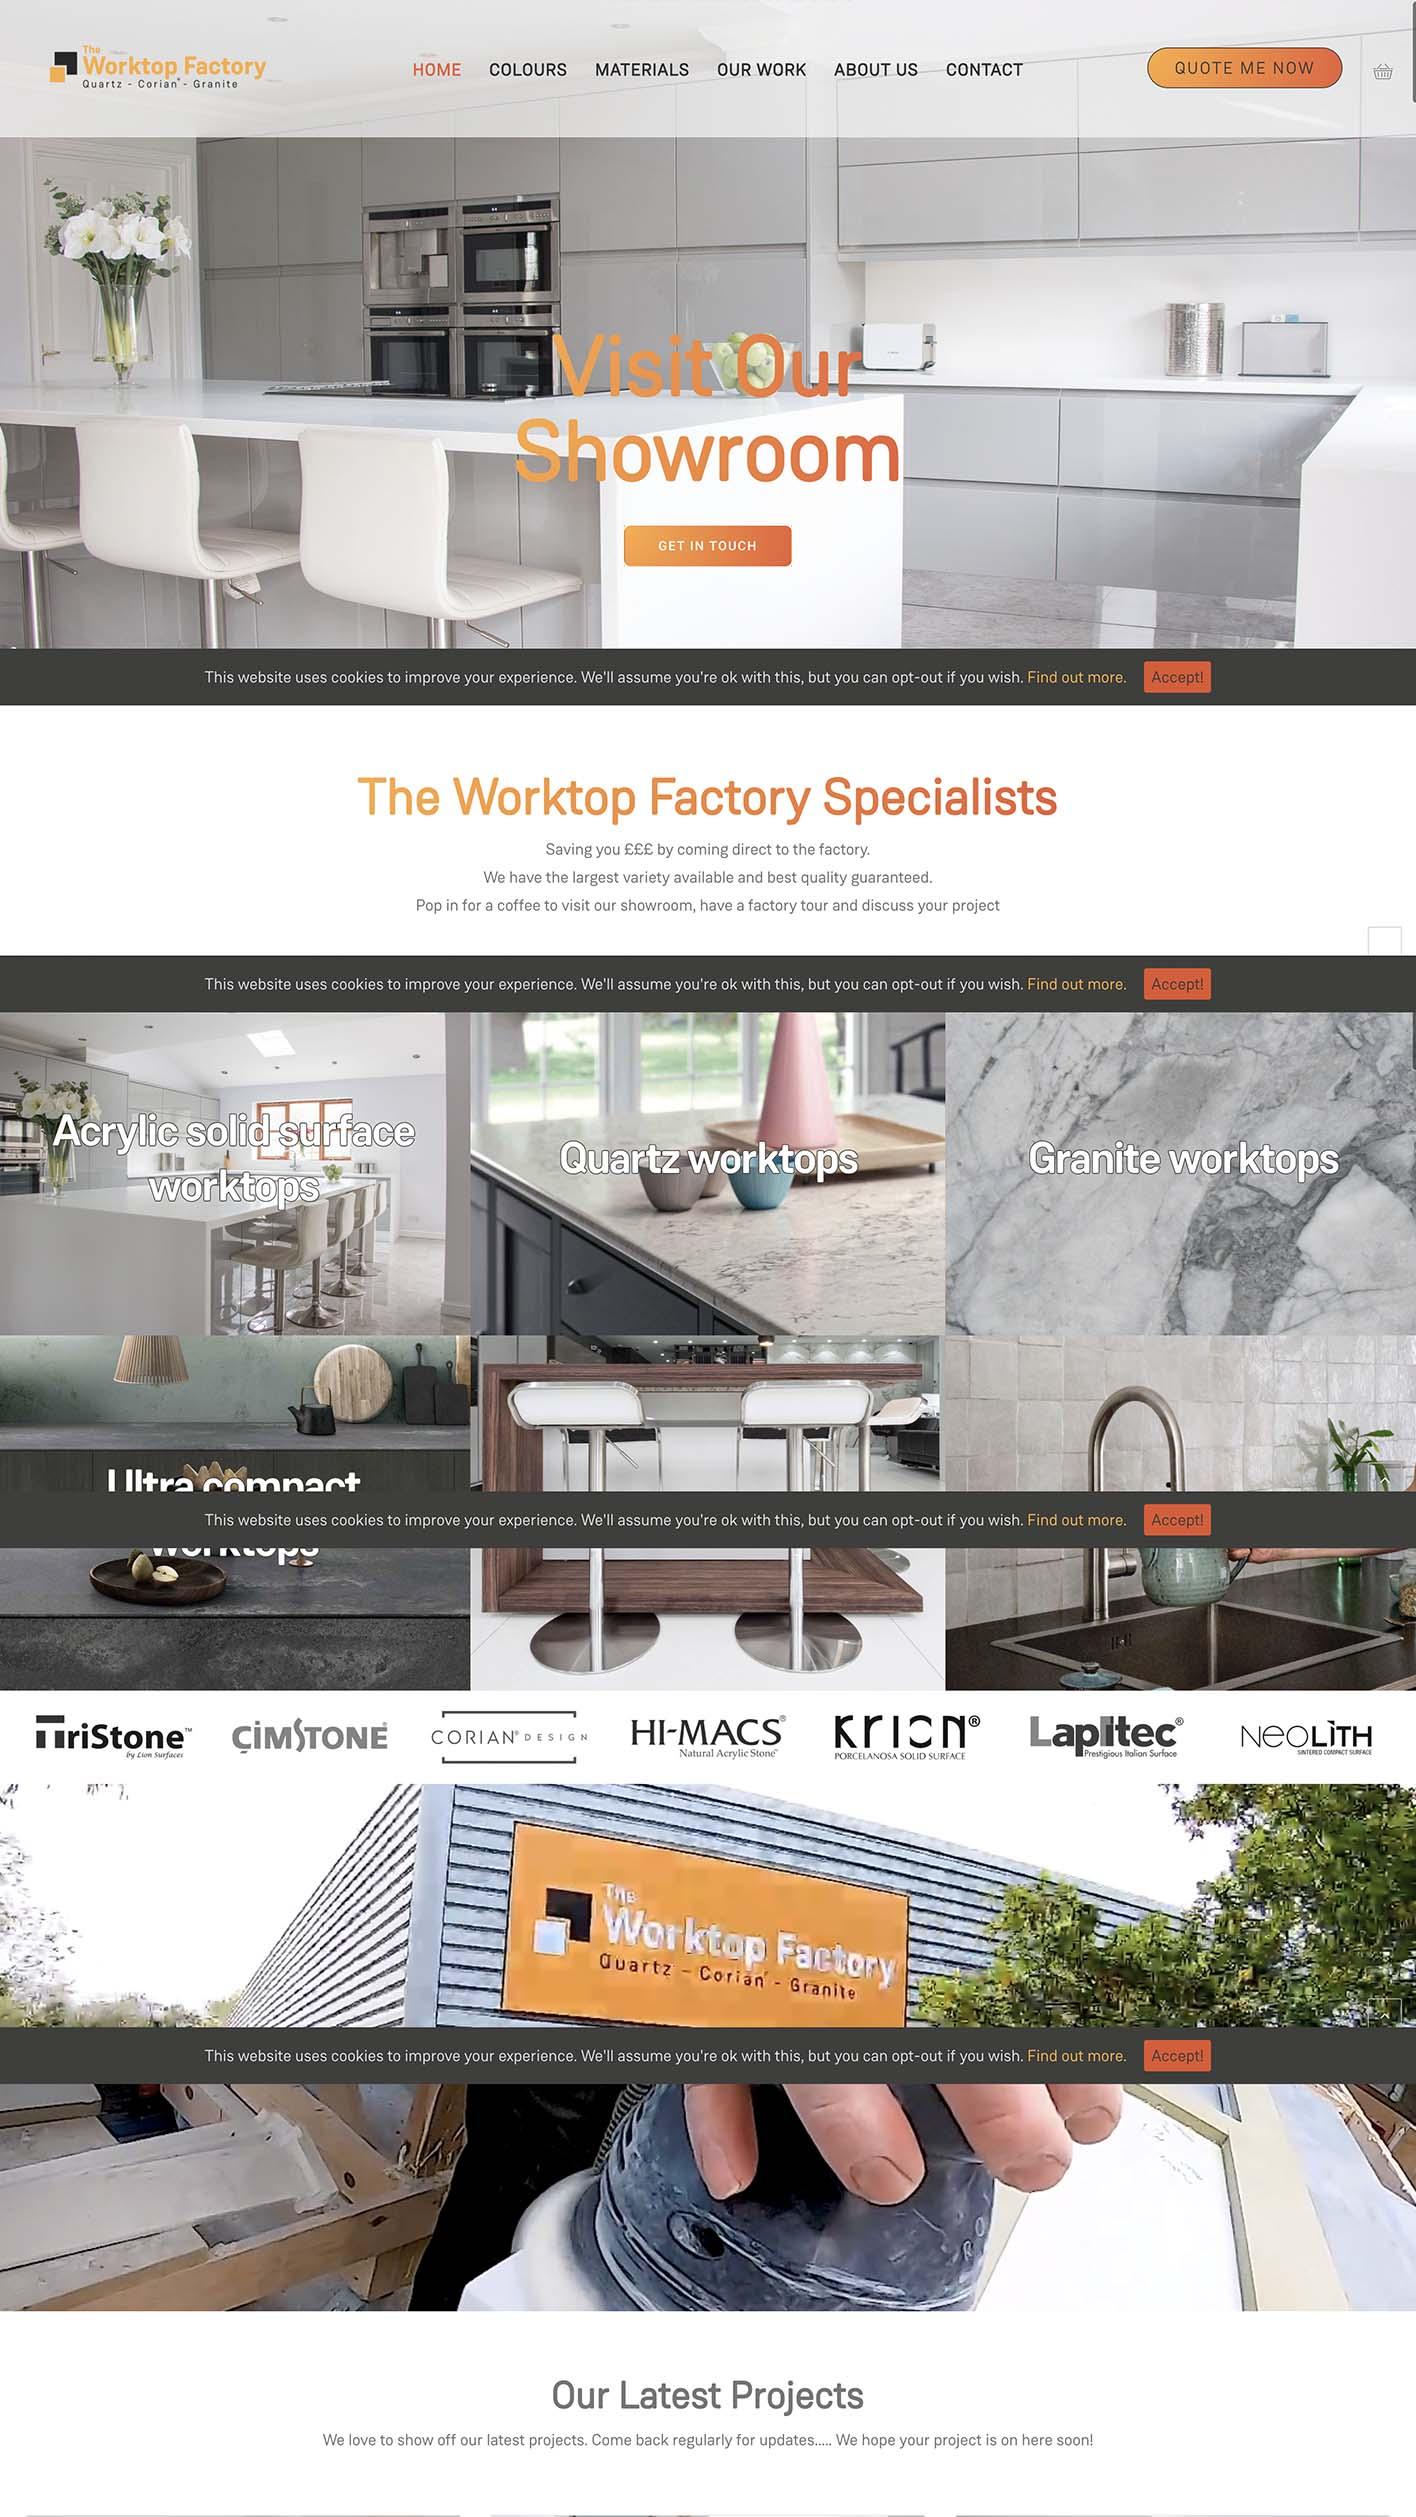 The Worktop Factory website